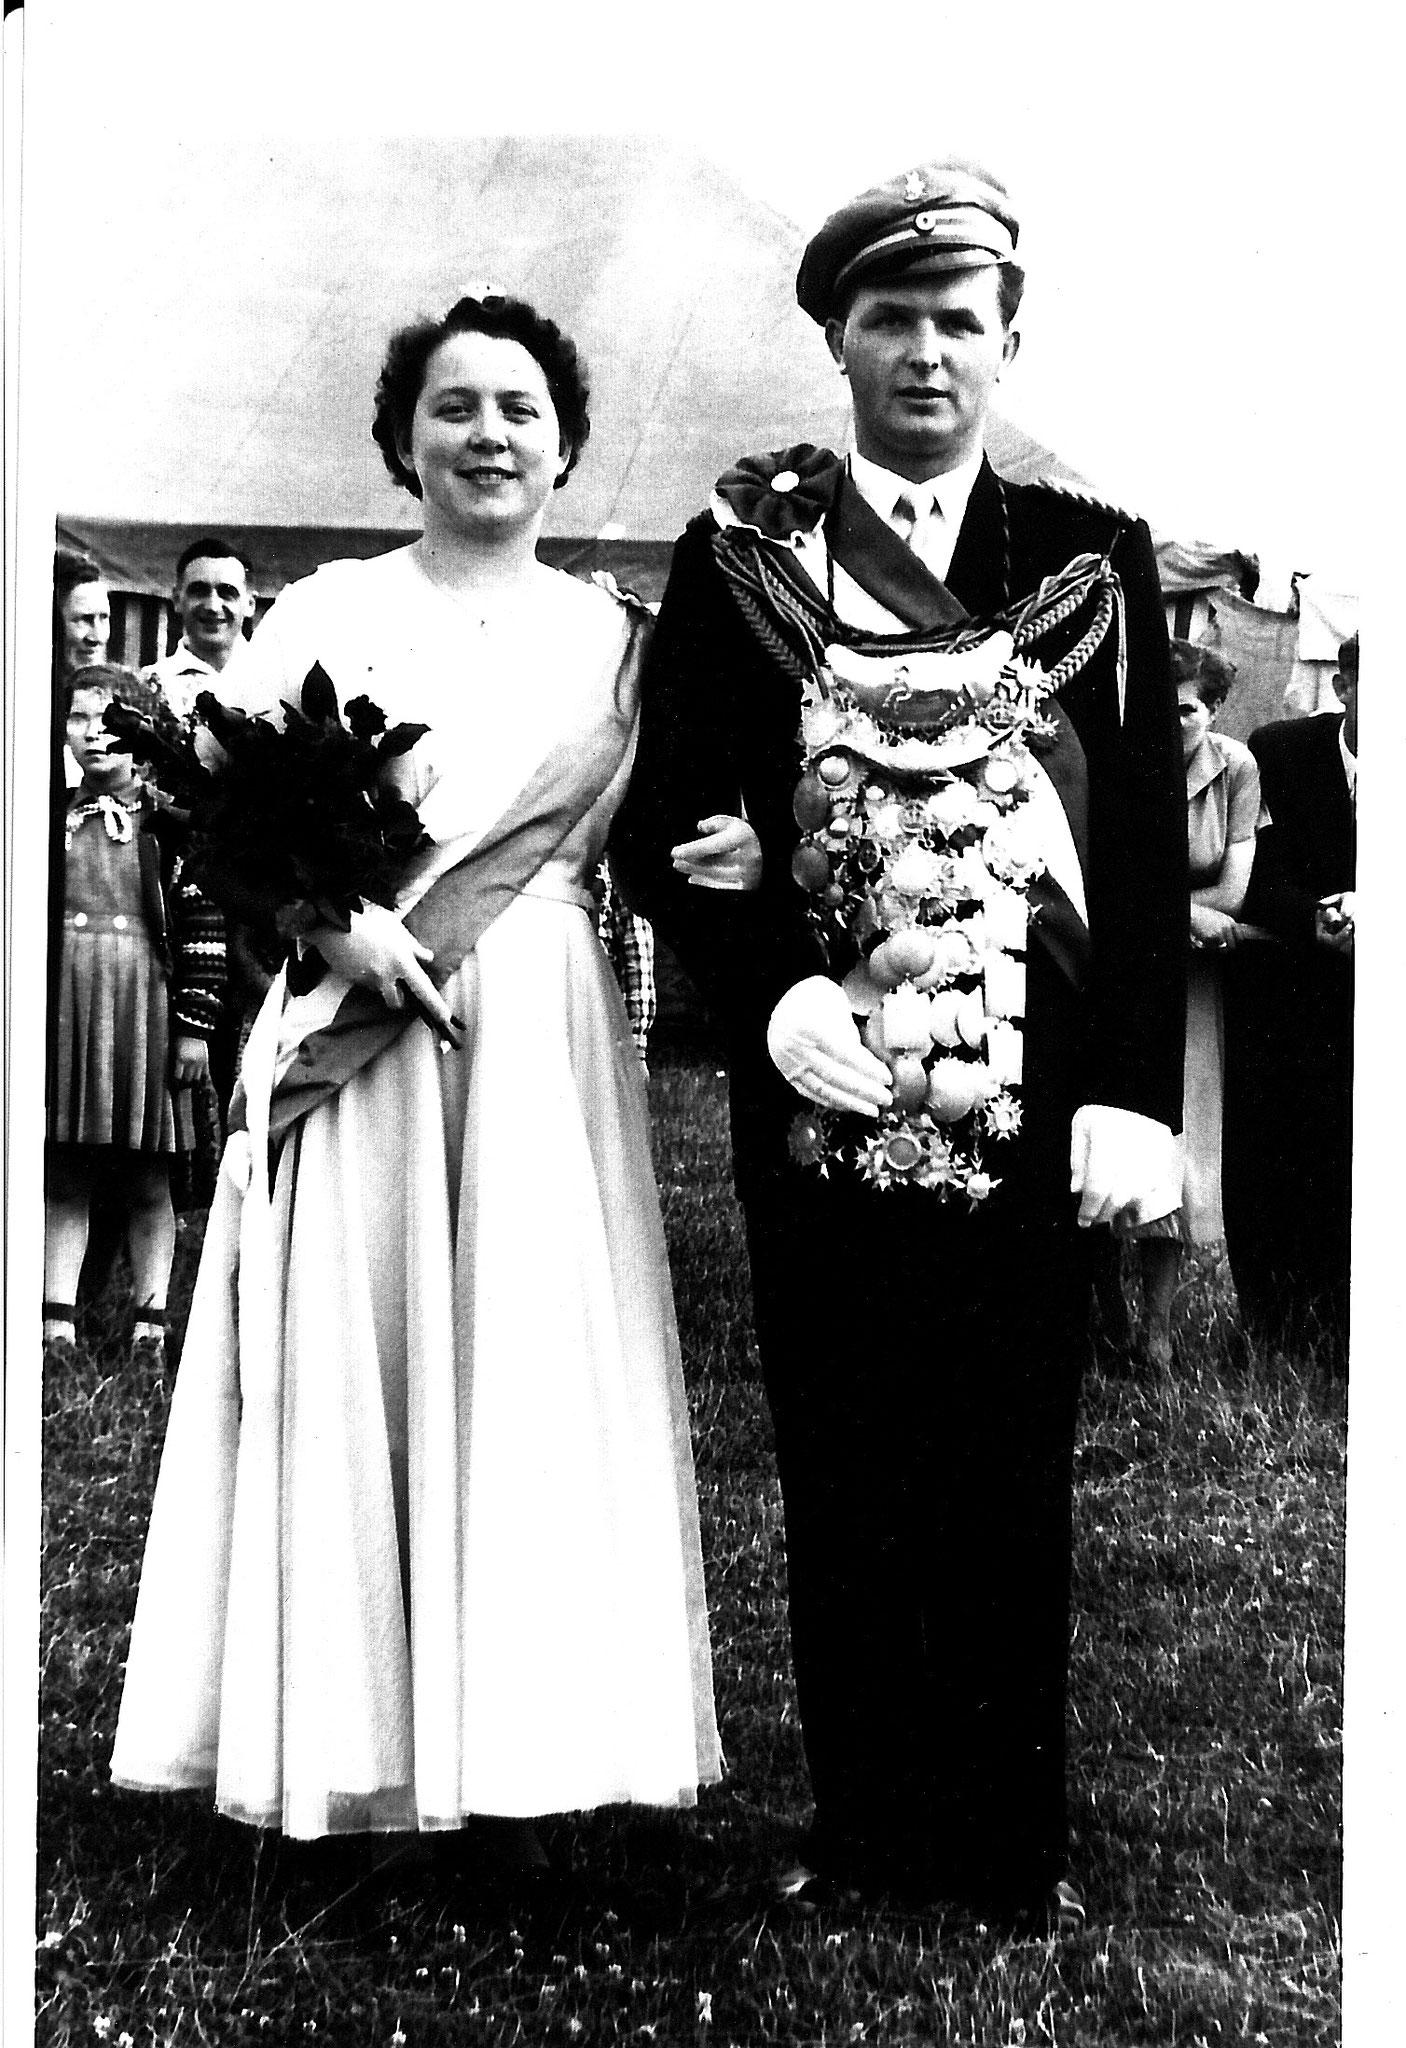 1955 Franz Schulz+ & Mathilde Stratmann+